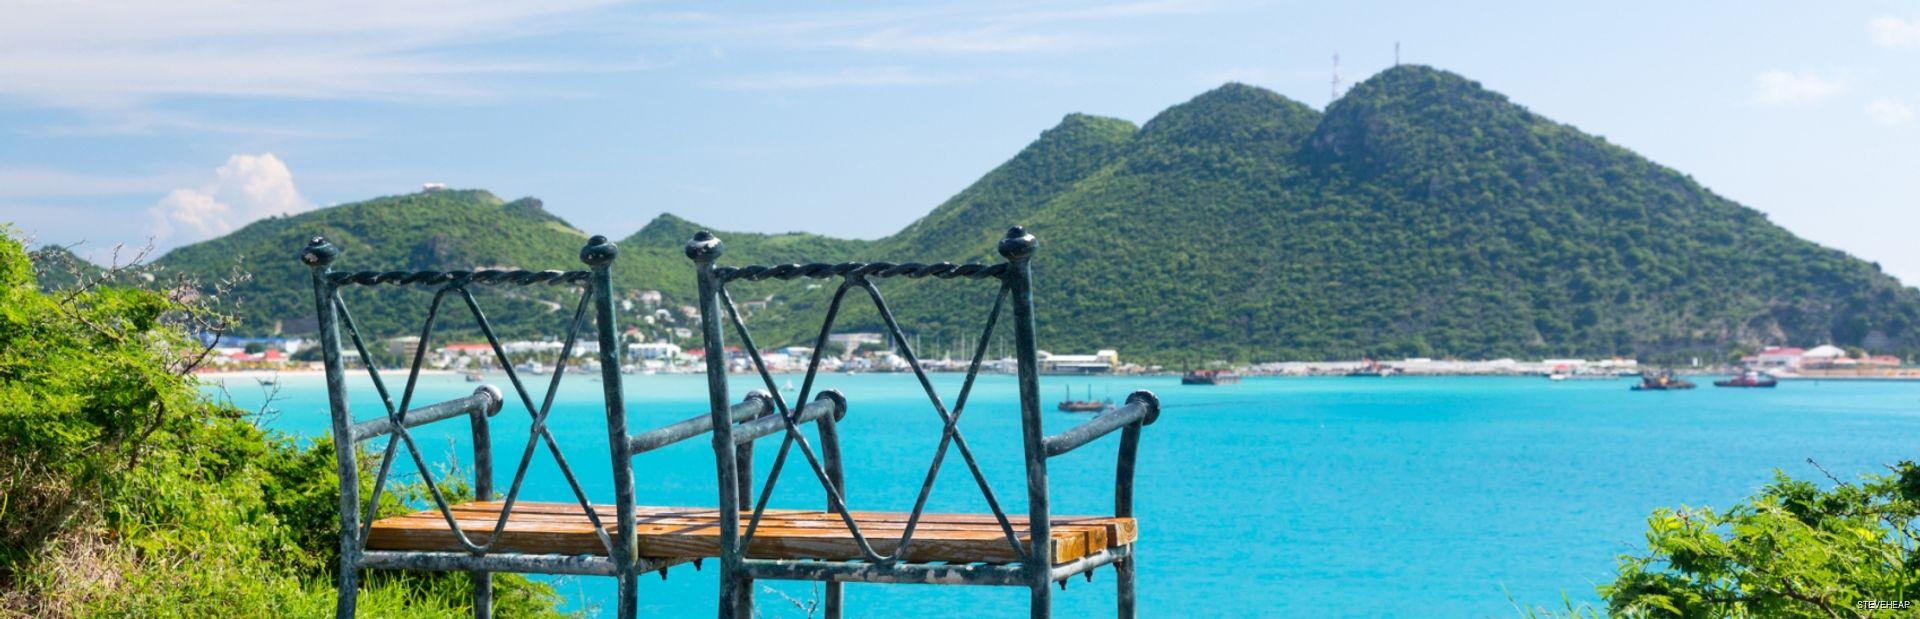 Overview of Philipsburg Sint Maarten